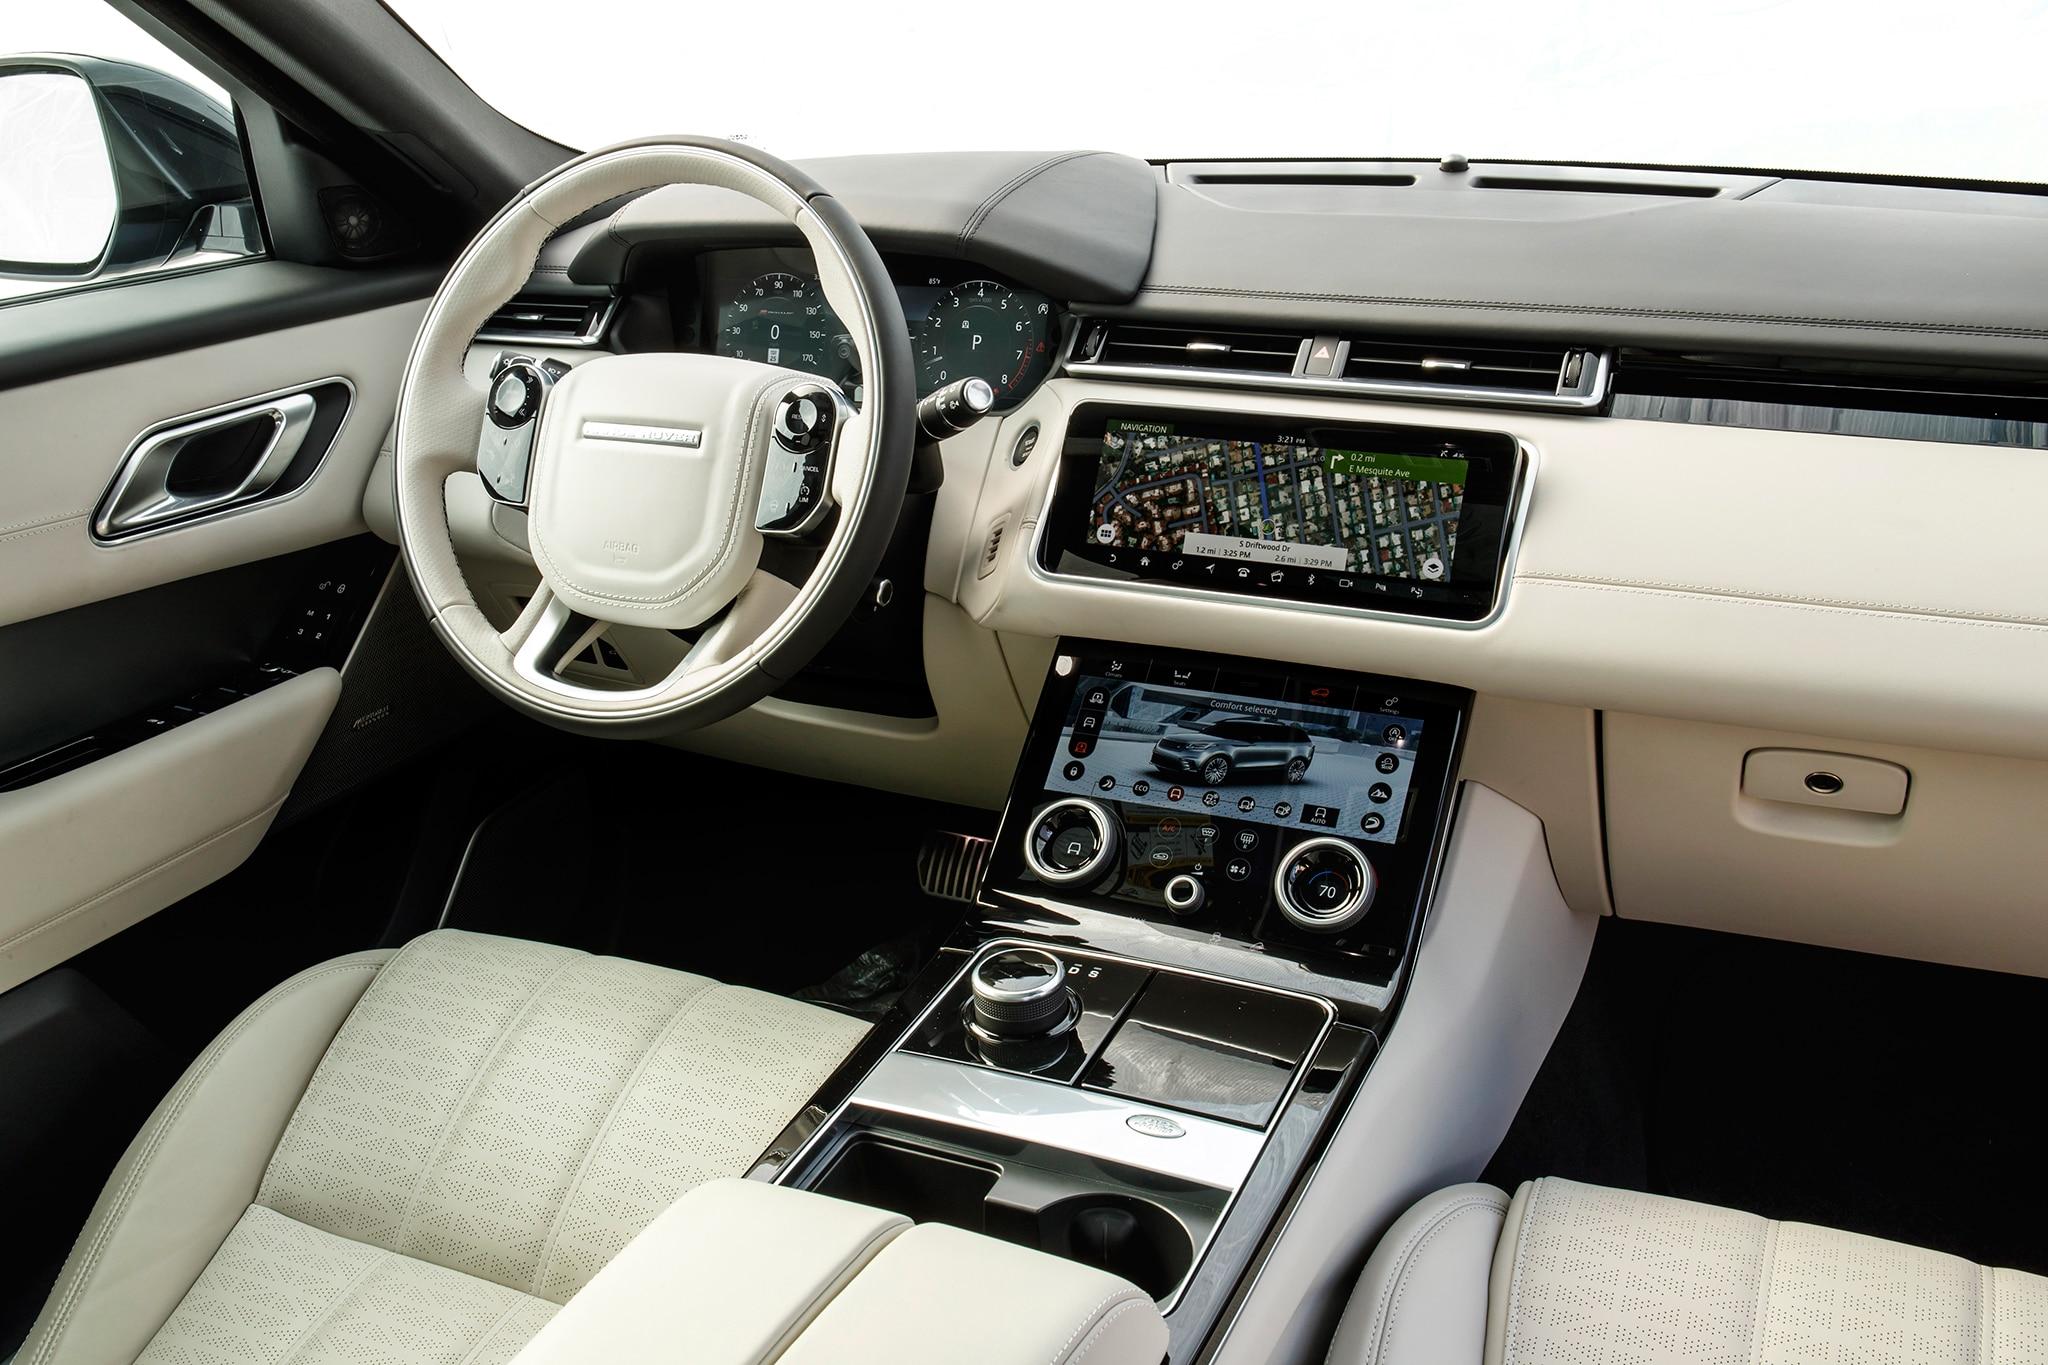 2018-Range-Rover-Velar-cabin.jpg